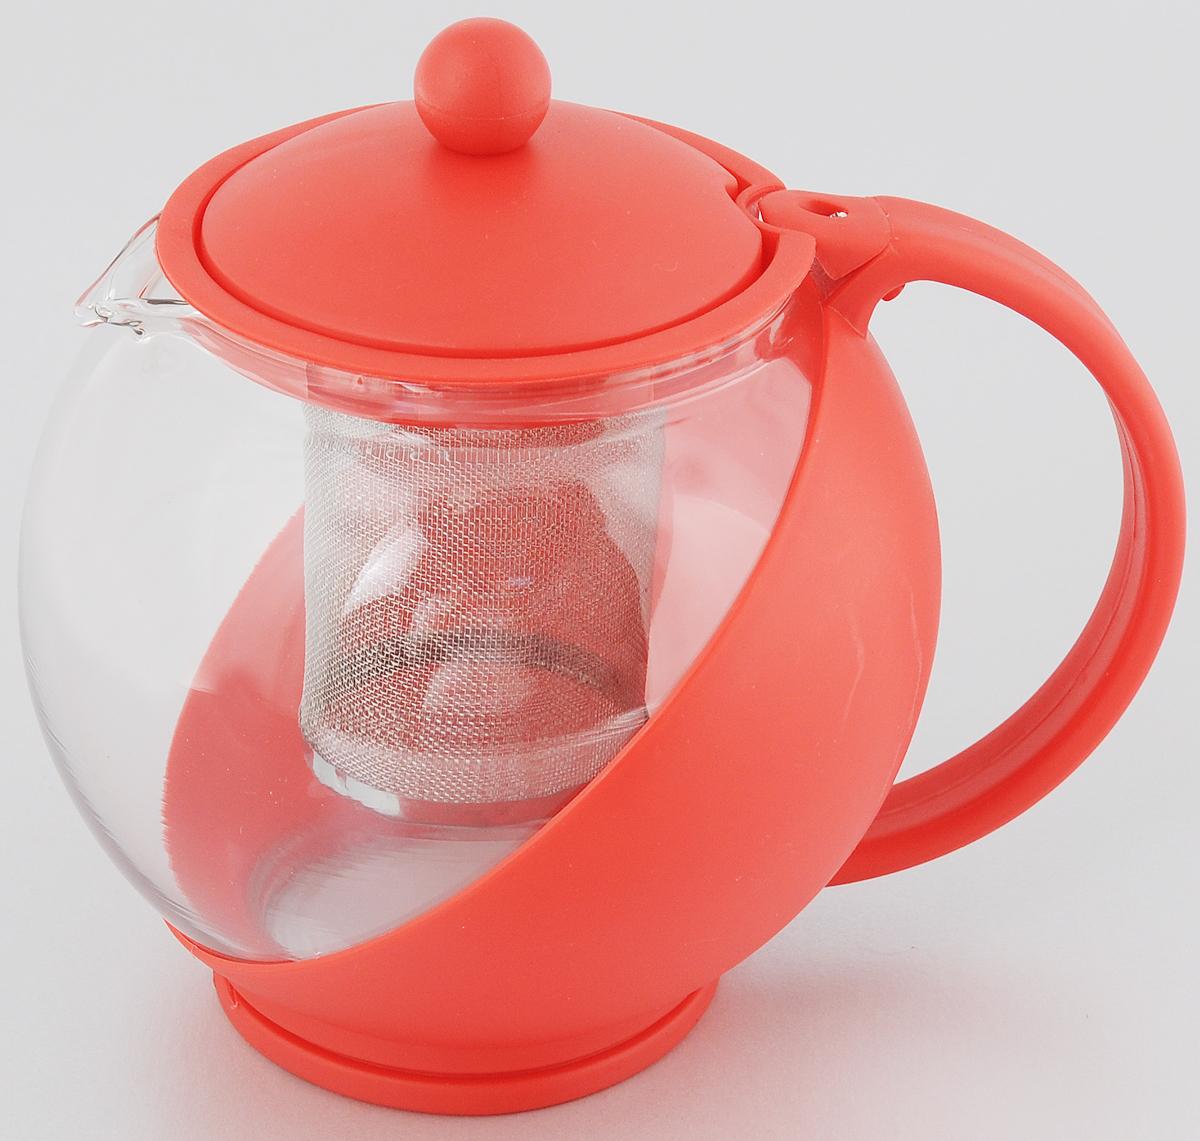 Чайник заварочный Bekker Koch, с фильтром, цвет: красный, 1,25 лBK-301Заварочный чайник Bekker Koch изготовлен из высококачественного пластика и жаропрочного стекла. Чайник имеет металлический фильтр.Чайник оснащен удобной пластиковой ручкой.В нем вы можете приготовить вкусный и ароматный чай. Заварочный чайник Bekker Koch займет достойное место на вашей кухне.Объем: 1,25 л.Высота чайника (без учета крышки): 14 см.Диаметр (по верхнему краю): 9,5 см.